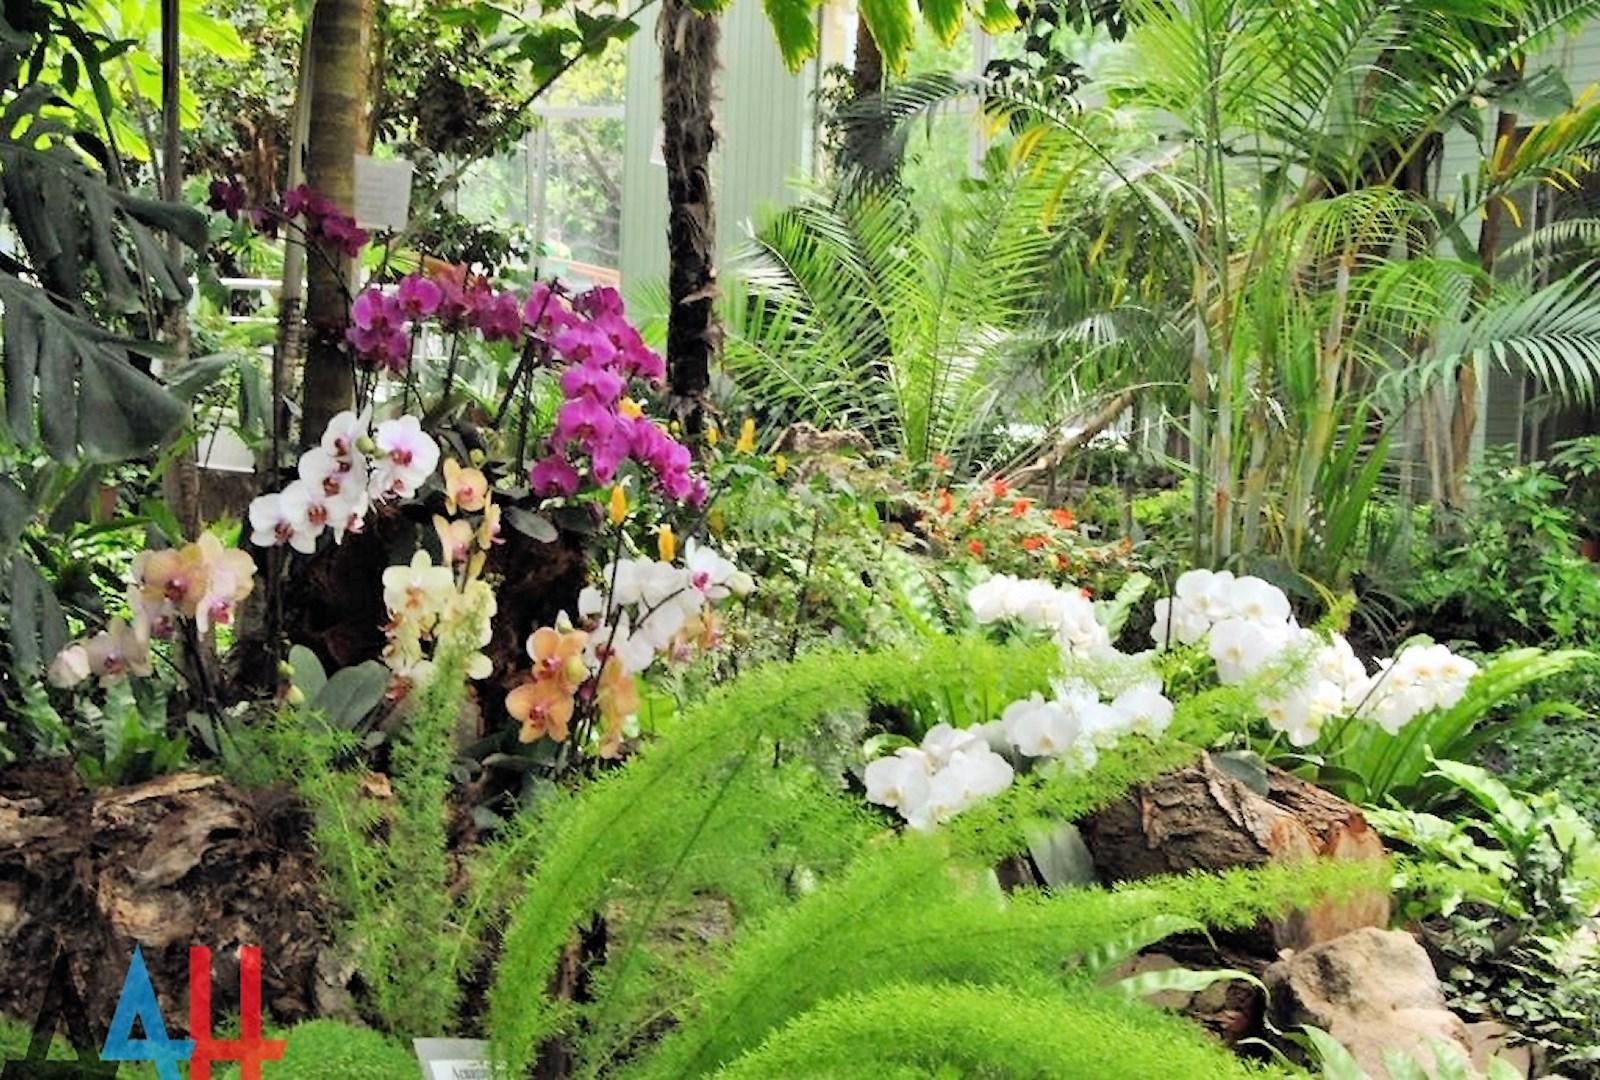 00 donetsk botanical garden 03. 20.05.15